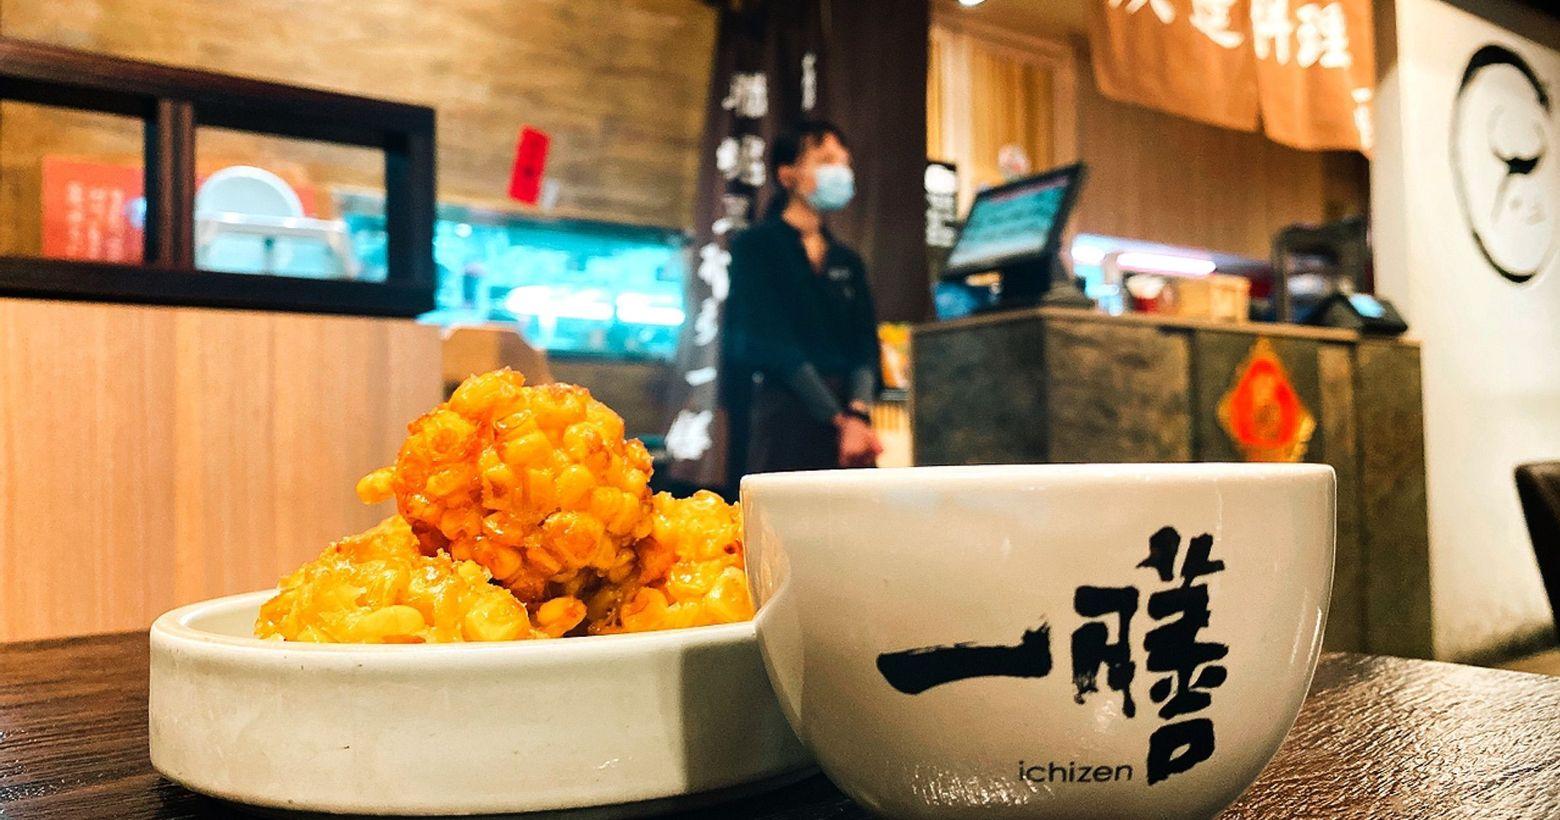 「一膳」誰說只有鰻魚飯|偏愛是玉米球今天寶寶要來介紹這家餐廳位於台中文心秀泰B1名為說是